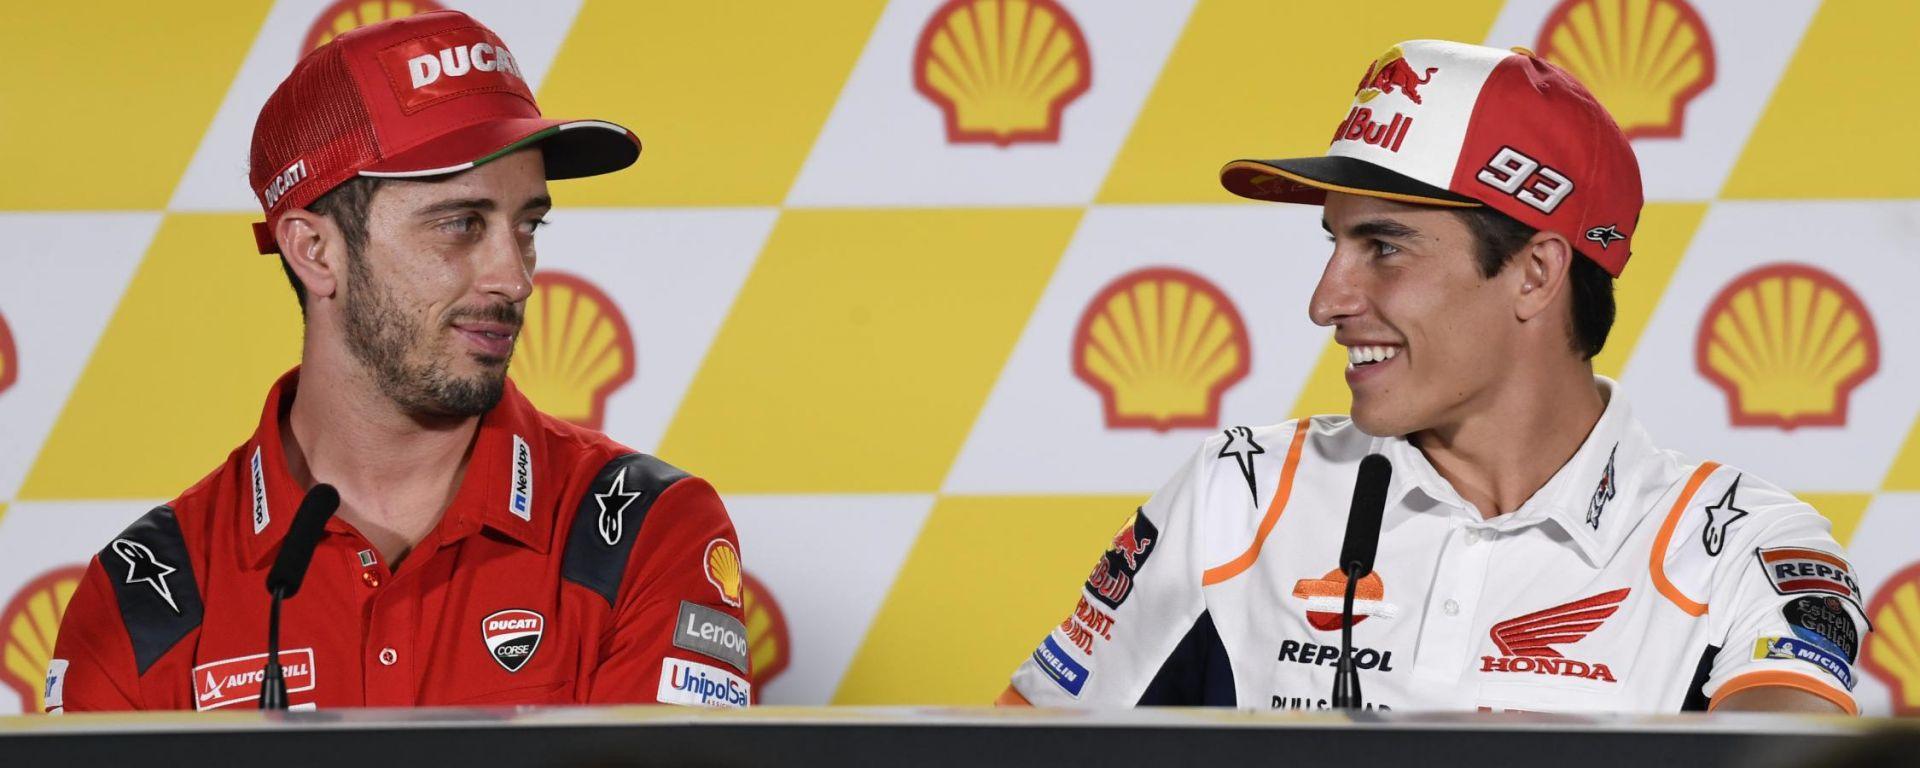 MotoGP Malesia 2019, Sepang, Andrea Dovizioso (Ducati) e Marc Marquez (Honda) nella conferenza stampa del giovedì